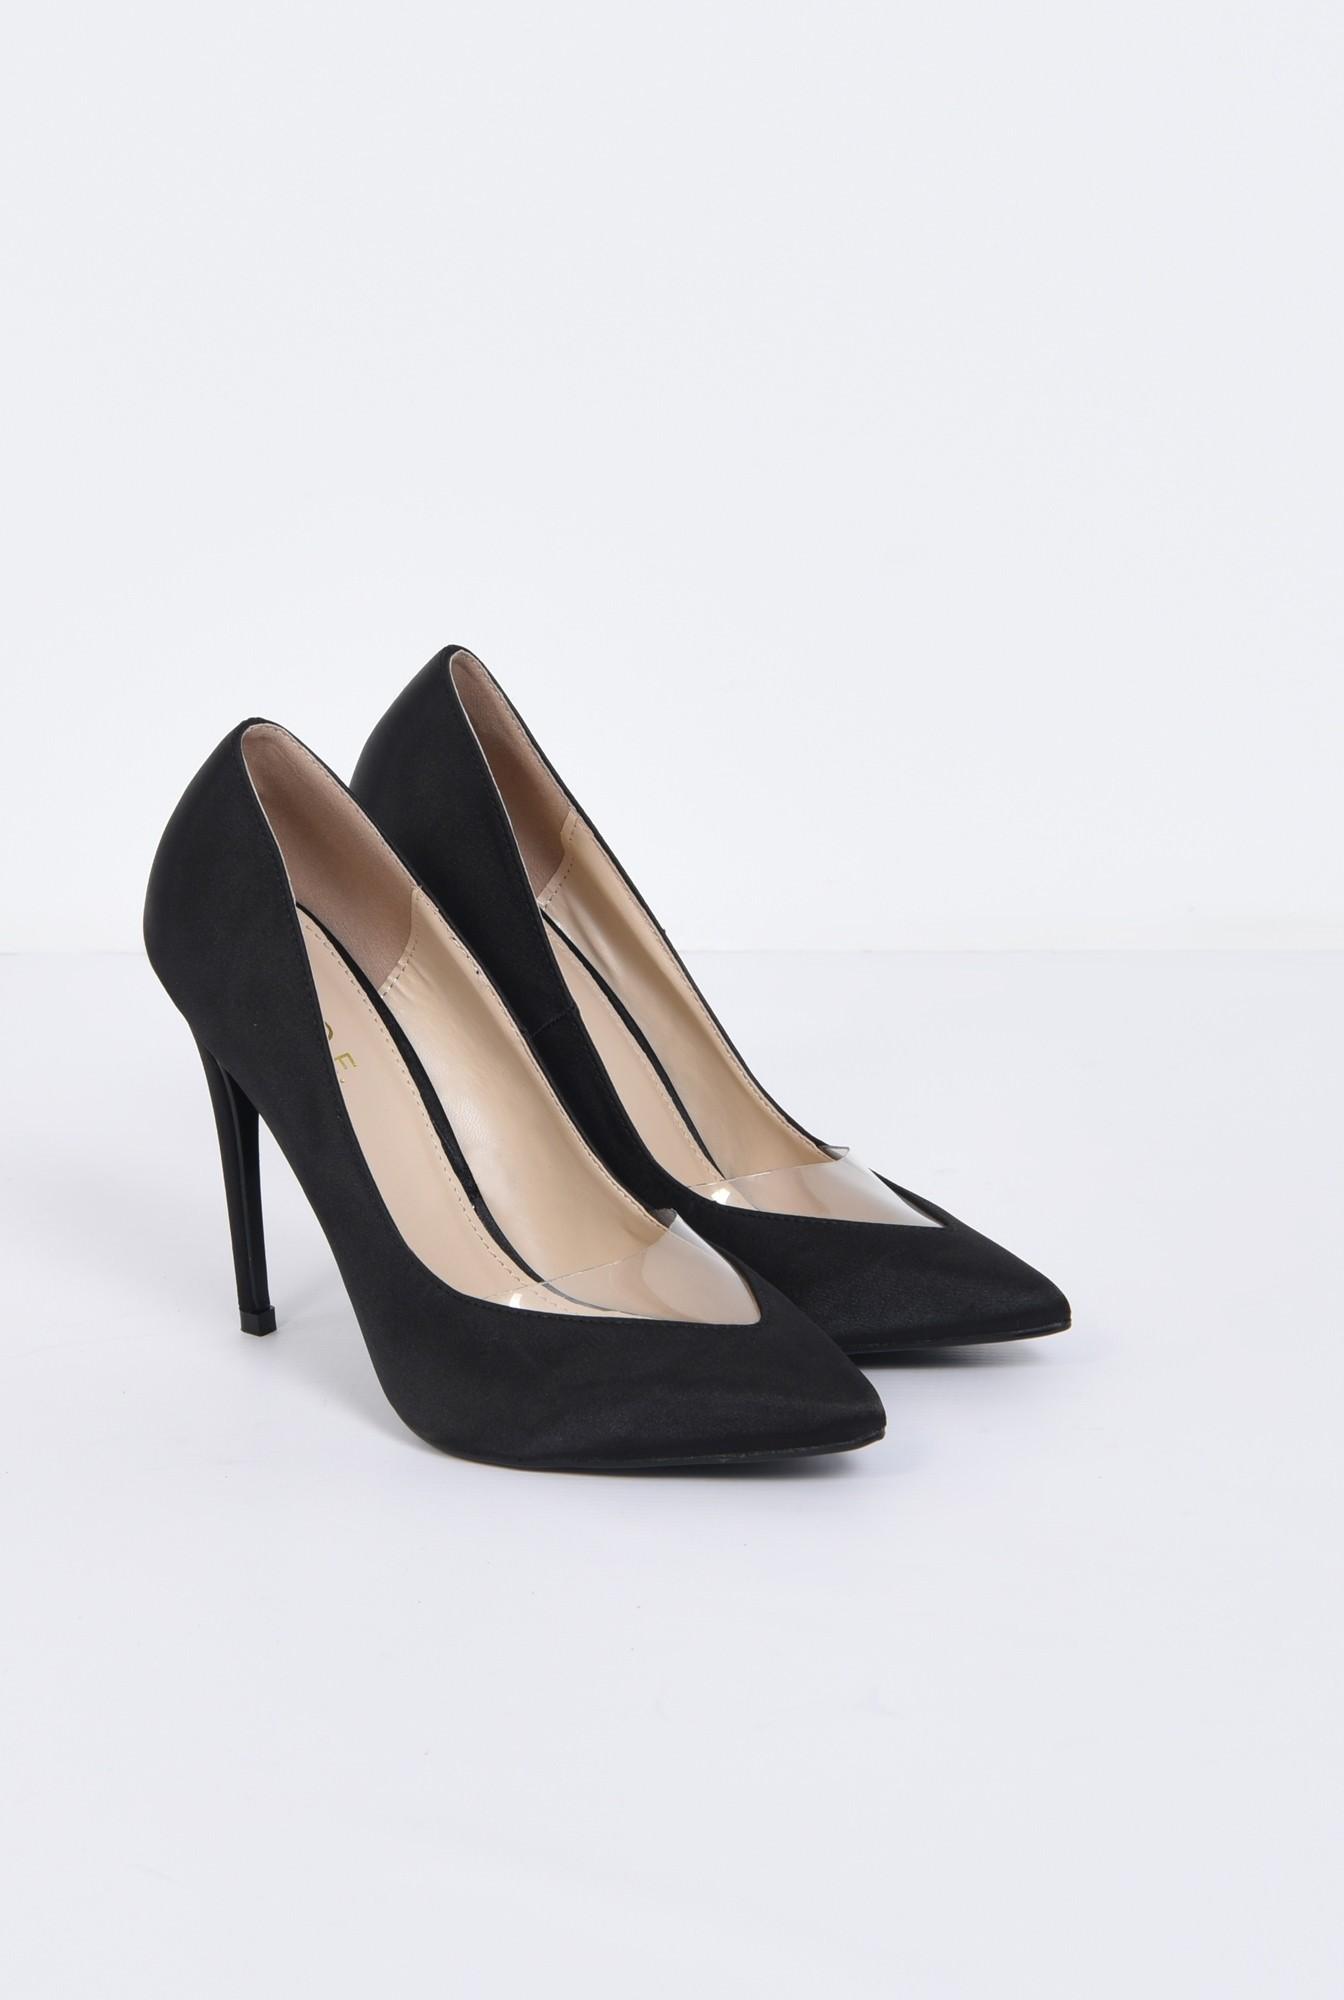 2 - pantofi eleganti, negru, satin, stiletto